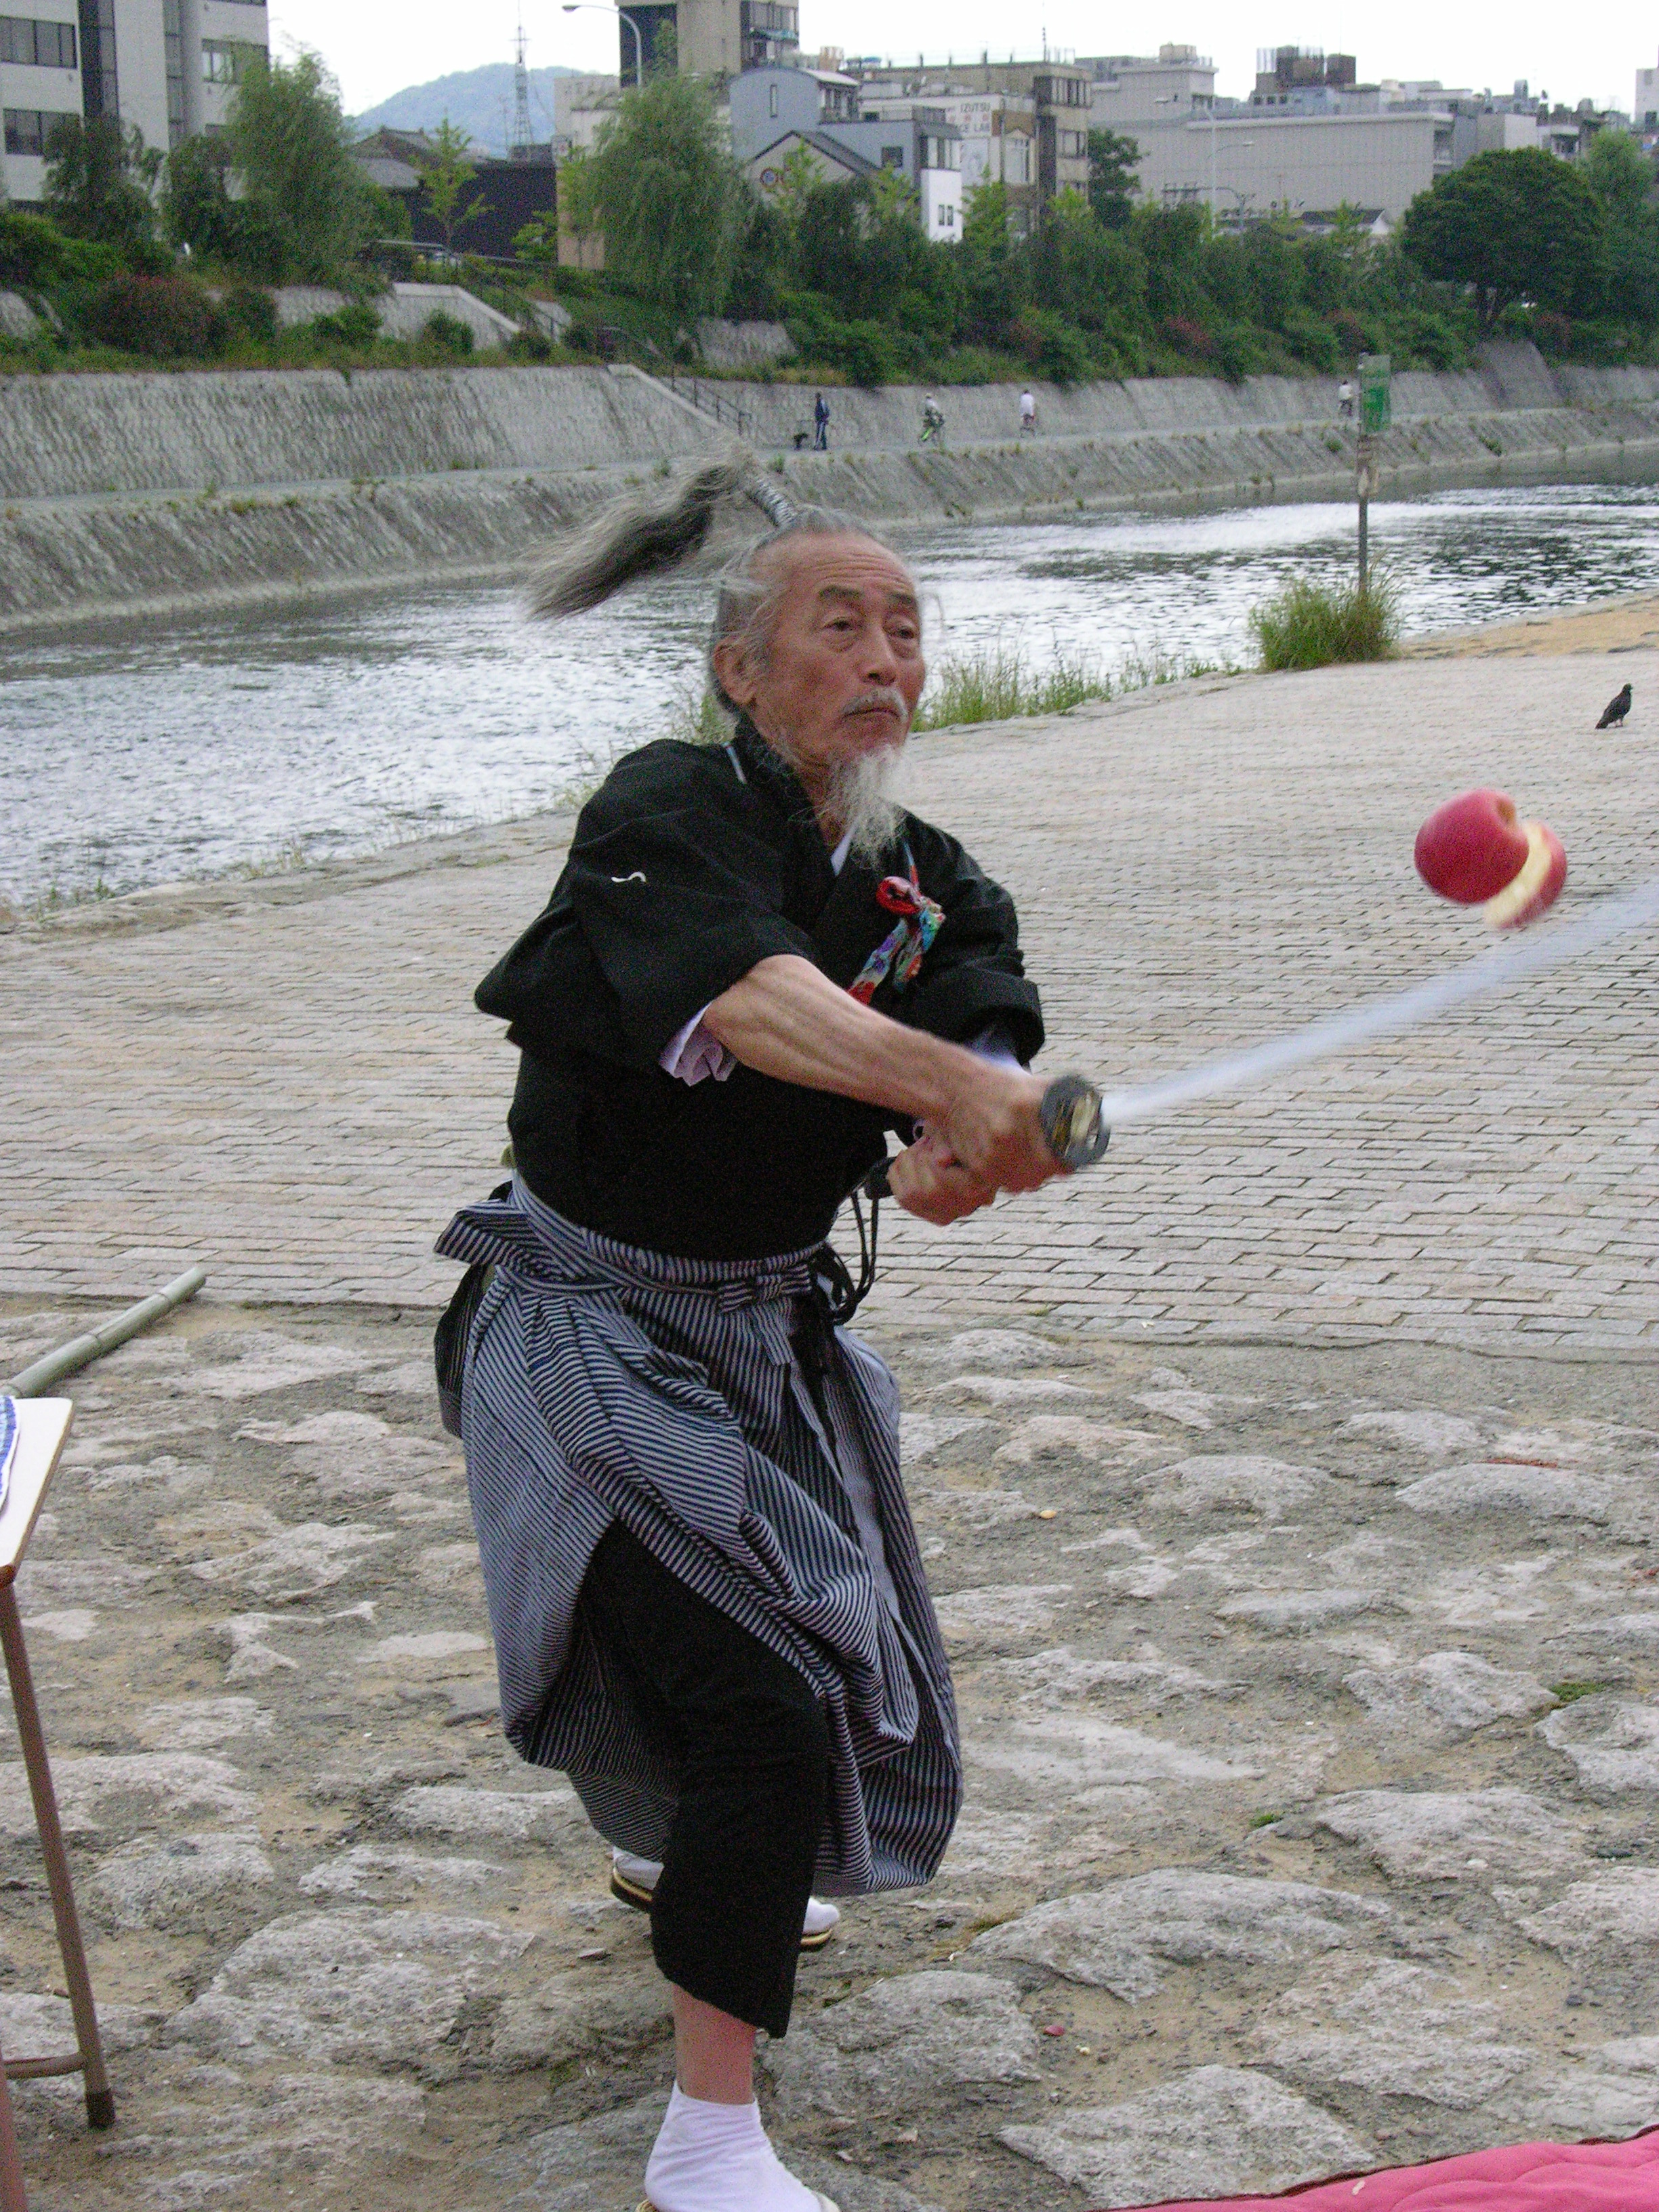 Samurai, Kamo Gawa, Kyoto, Japan, image by Jade Jackson